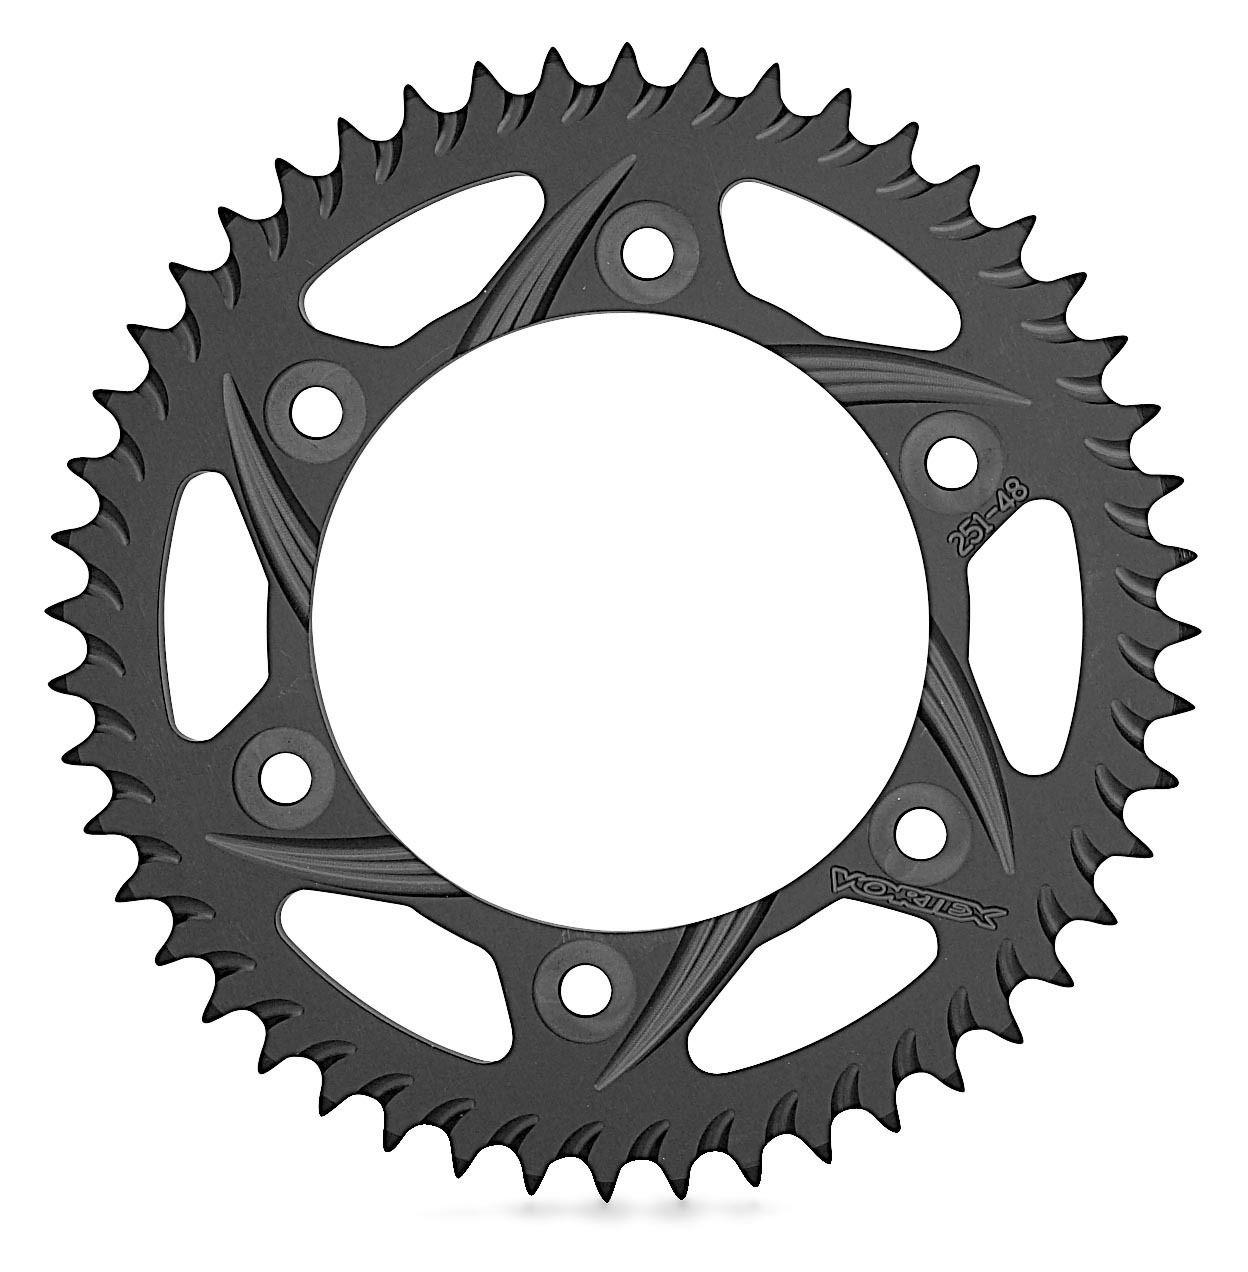 hight resolution of vortex v3 hfr quick accel chain and sprocket kit honda cbr929rr cbr954rr 15 30 90 off revzilla